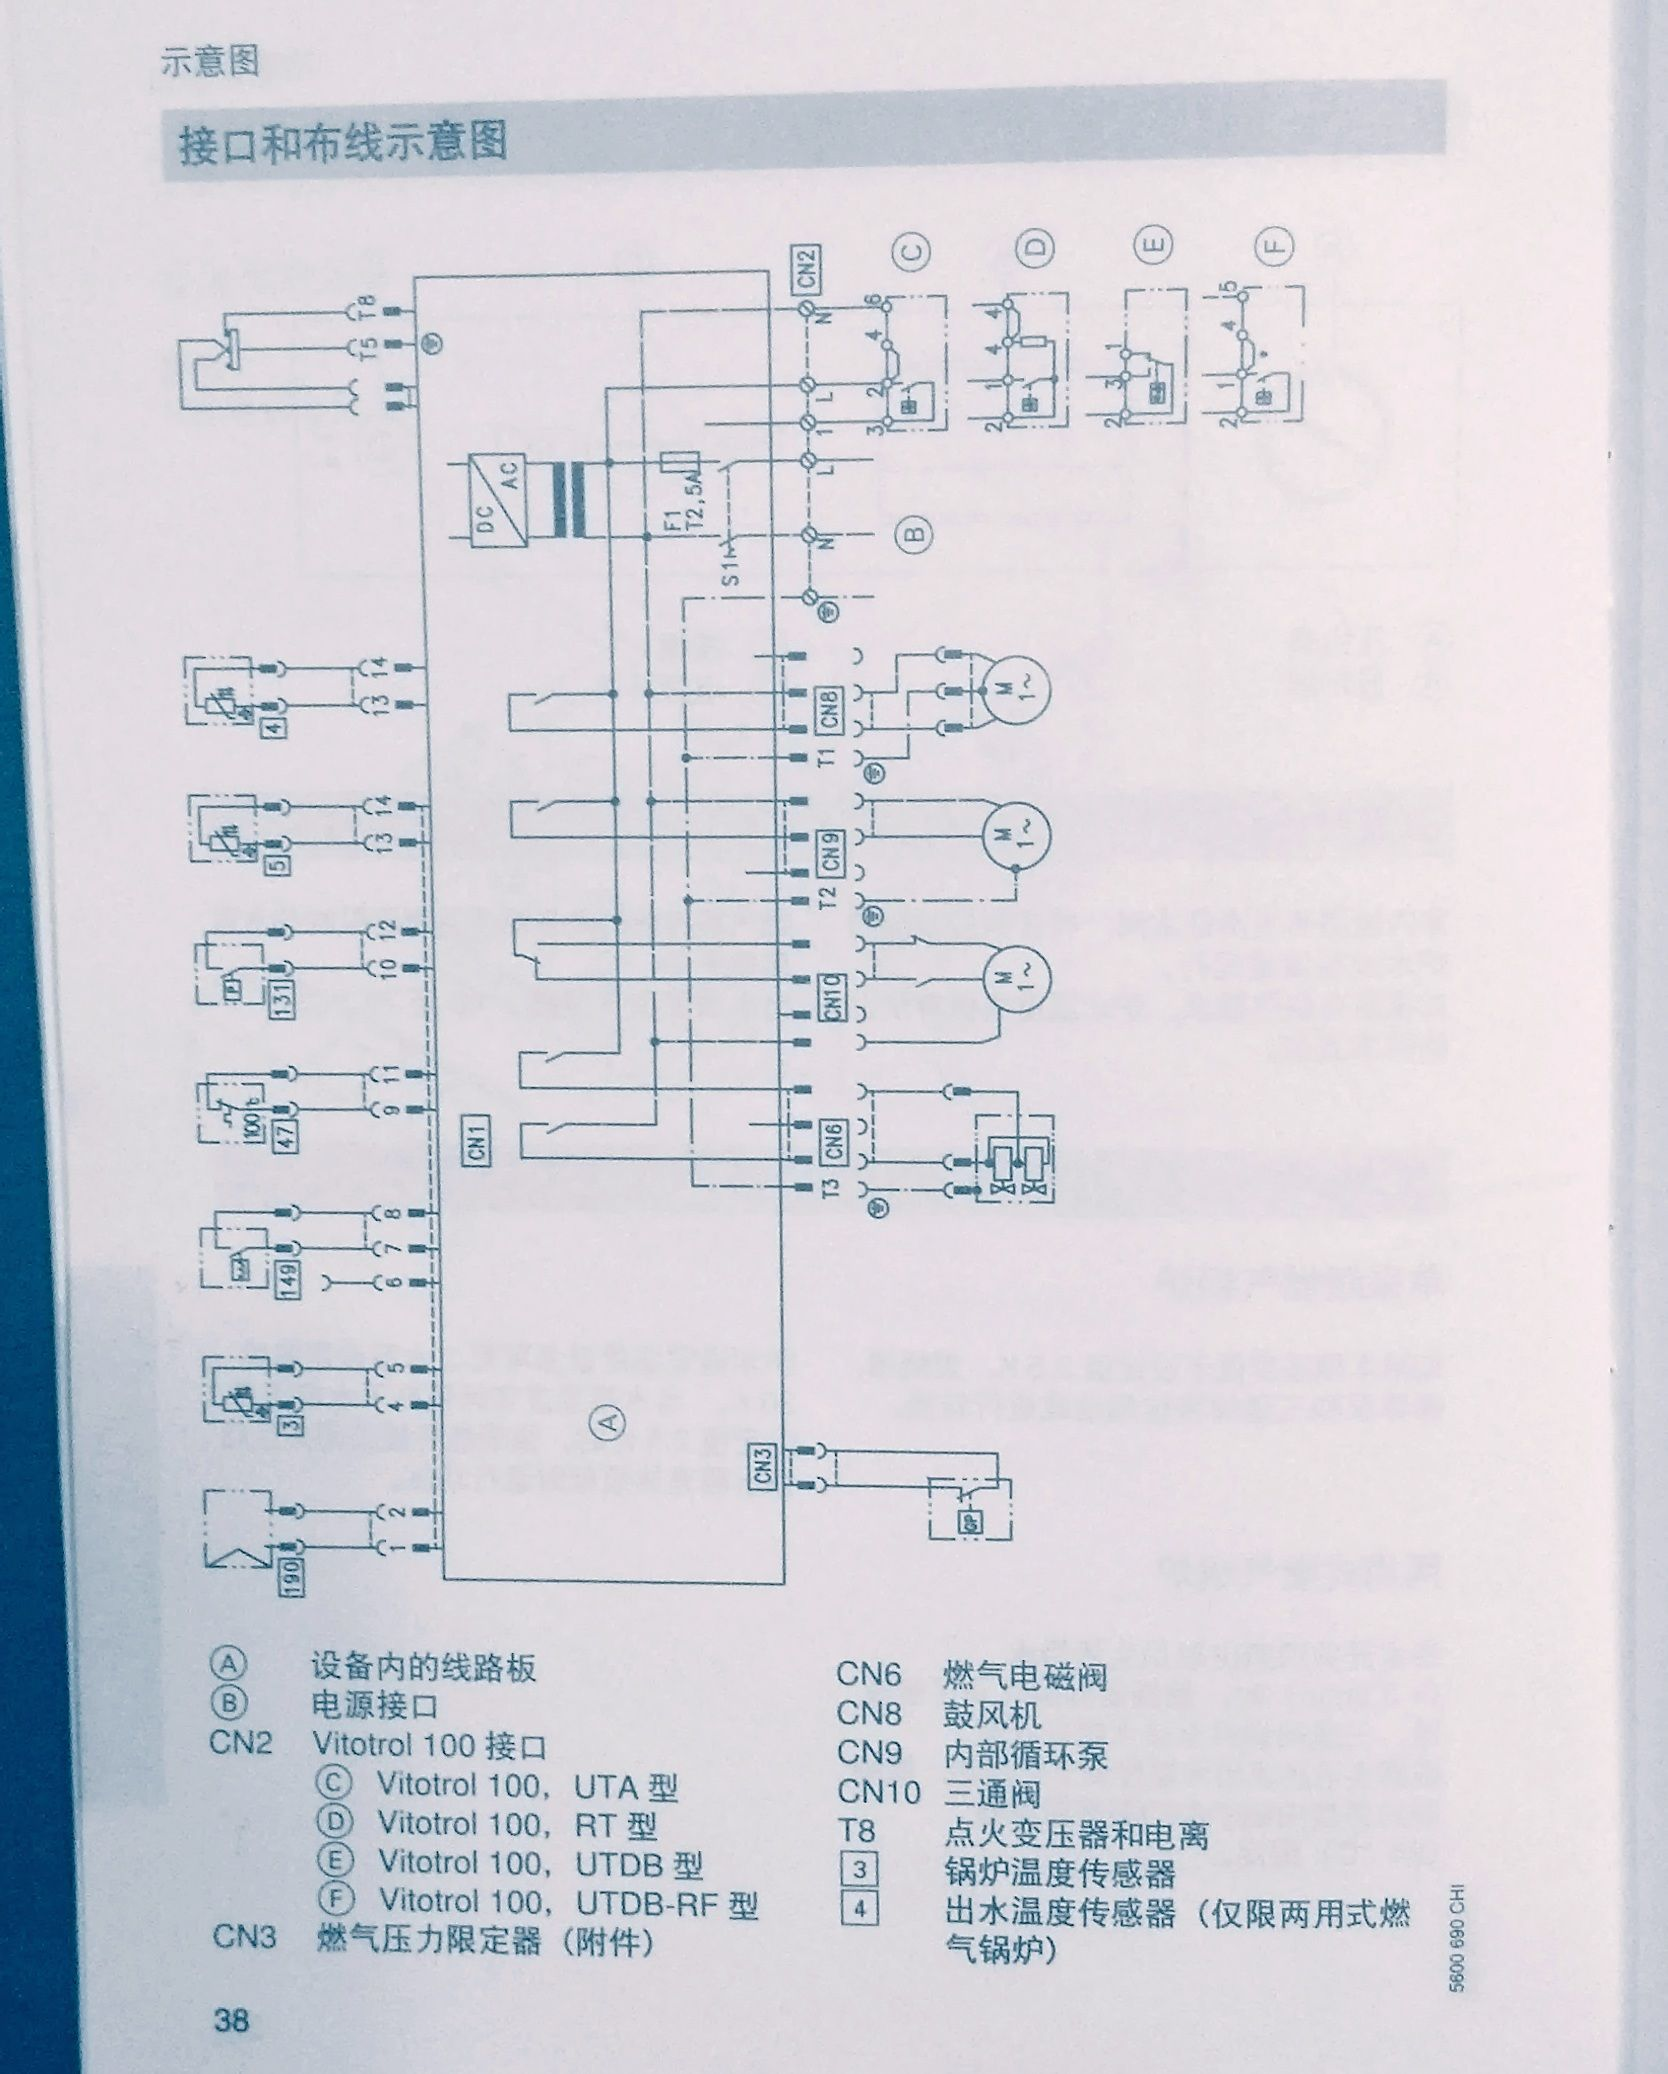 金正dvd-n601m电路图